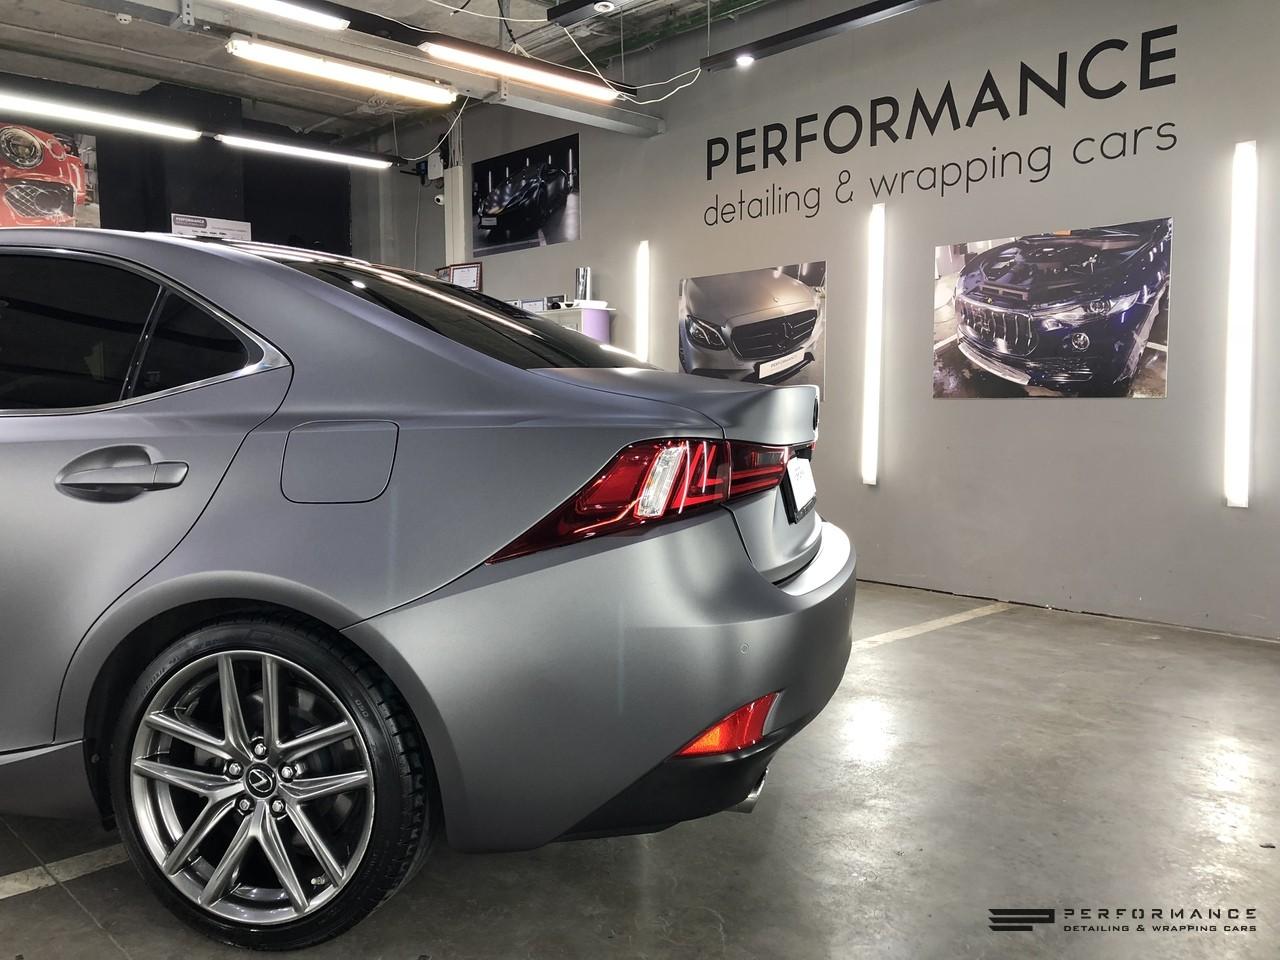 Фото Матовый винил на Lexus IS — 3 шага к стильной классике